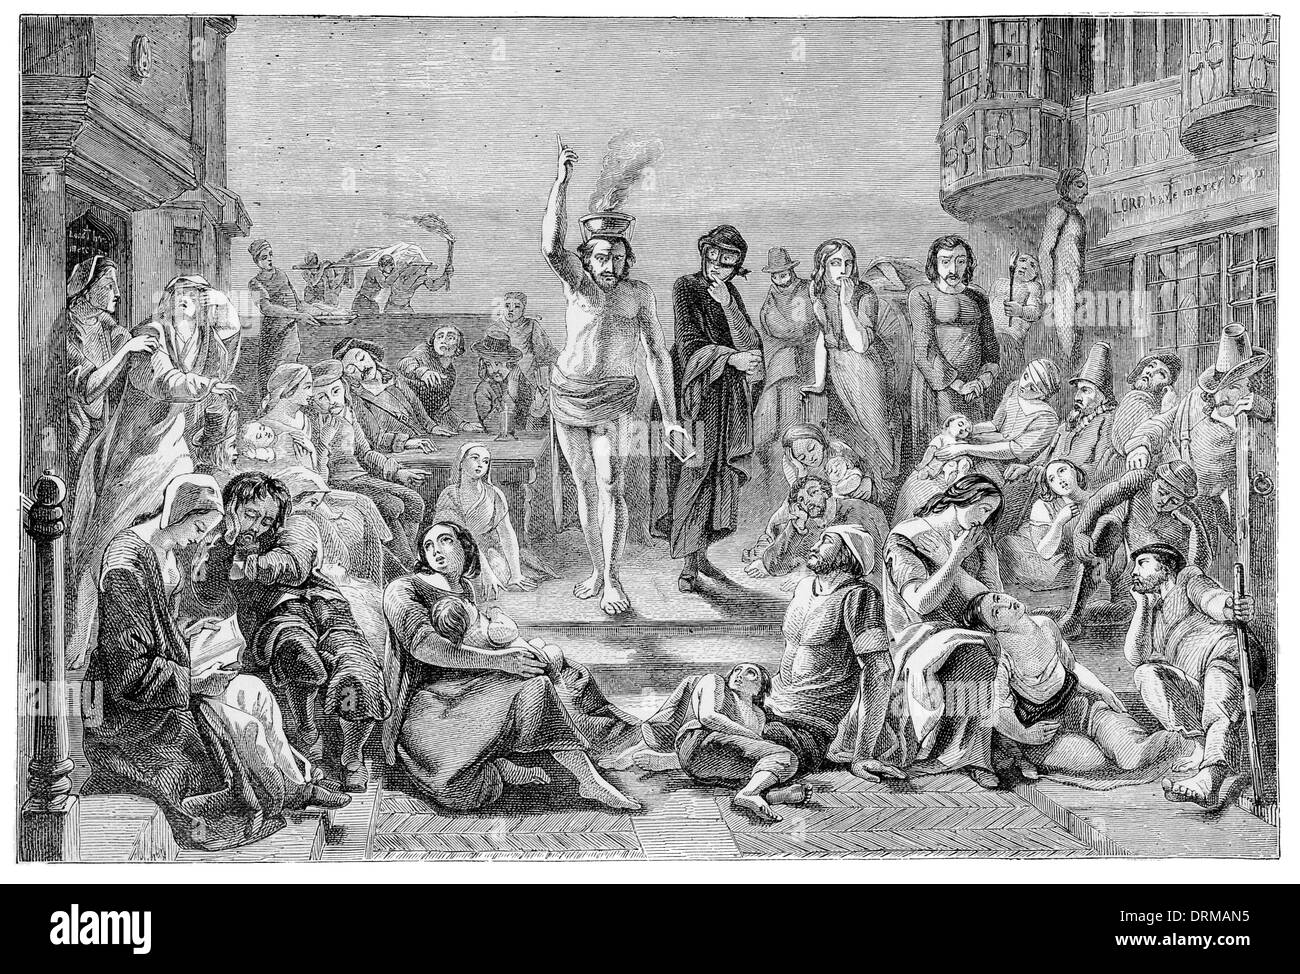 Die große Pest. London. Solomon Eagle ermahnt das Volk zur Buße 1665 Stockfoto